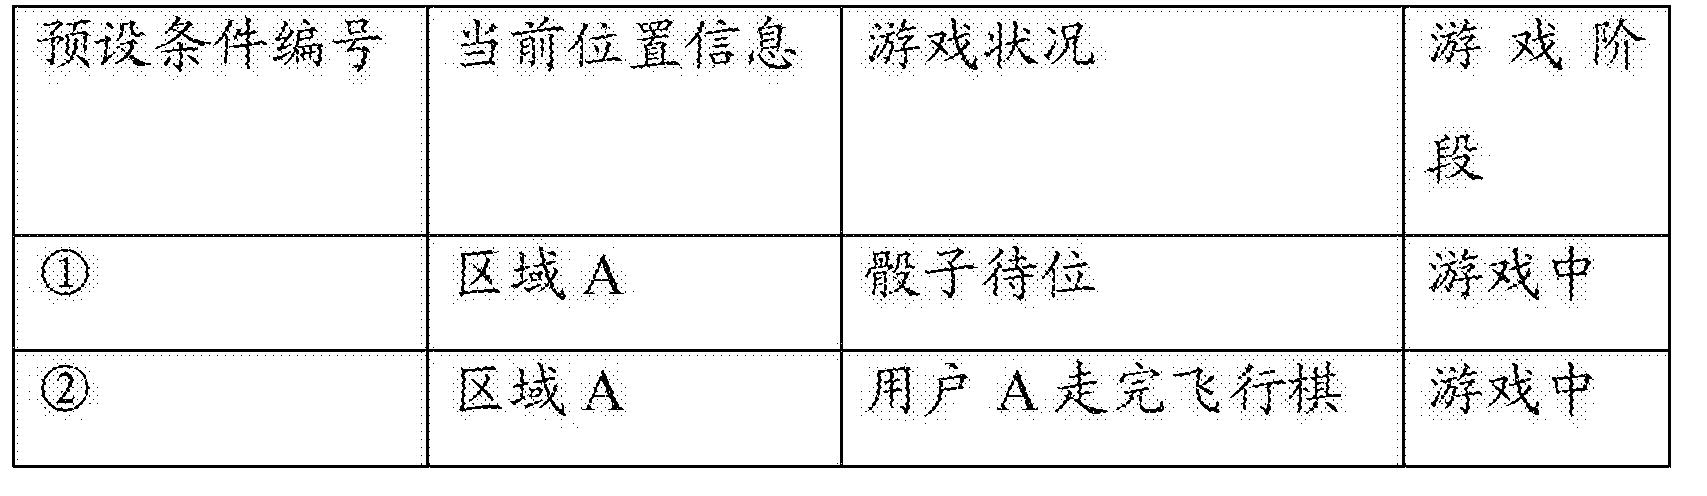 Figure CN103801078BD00073